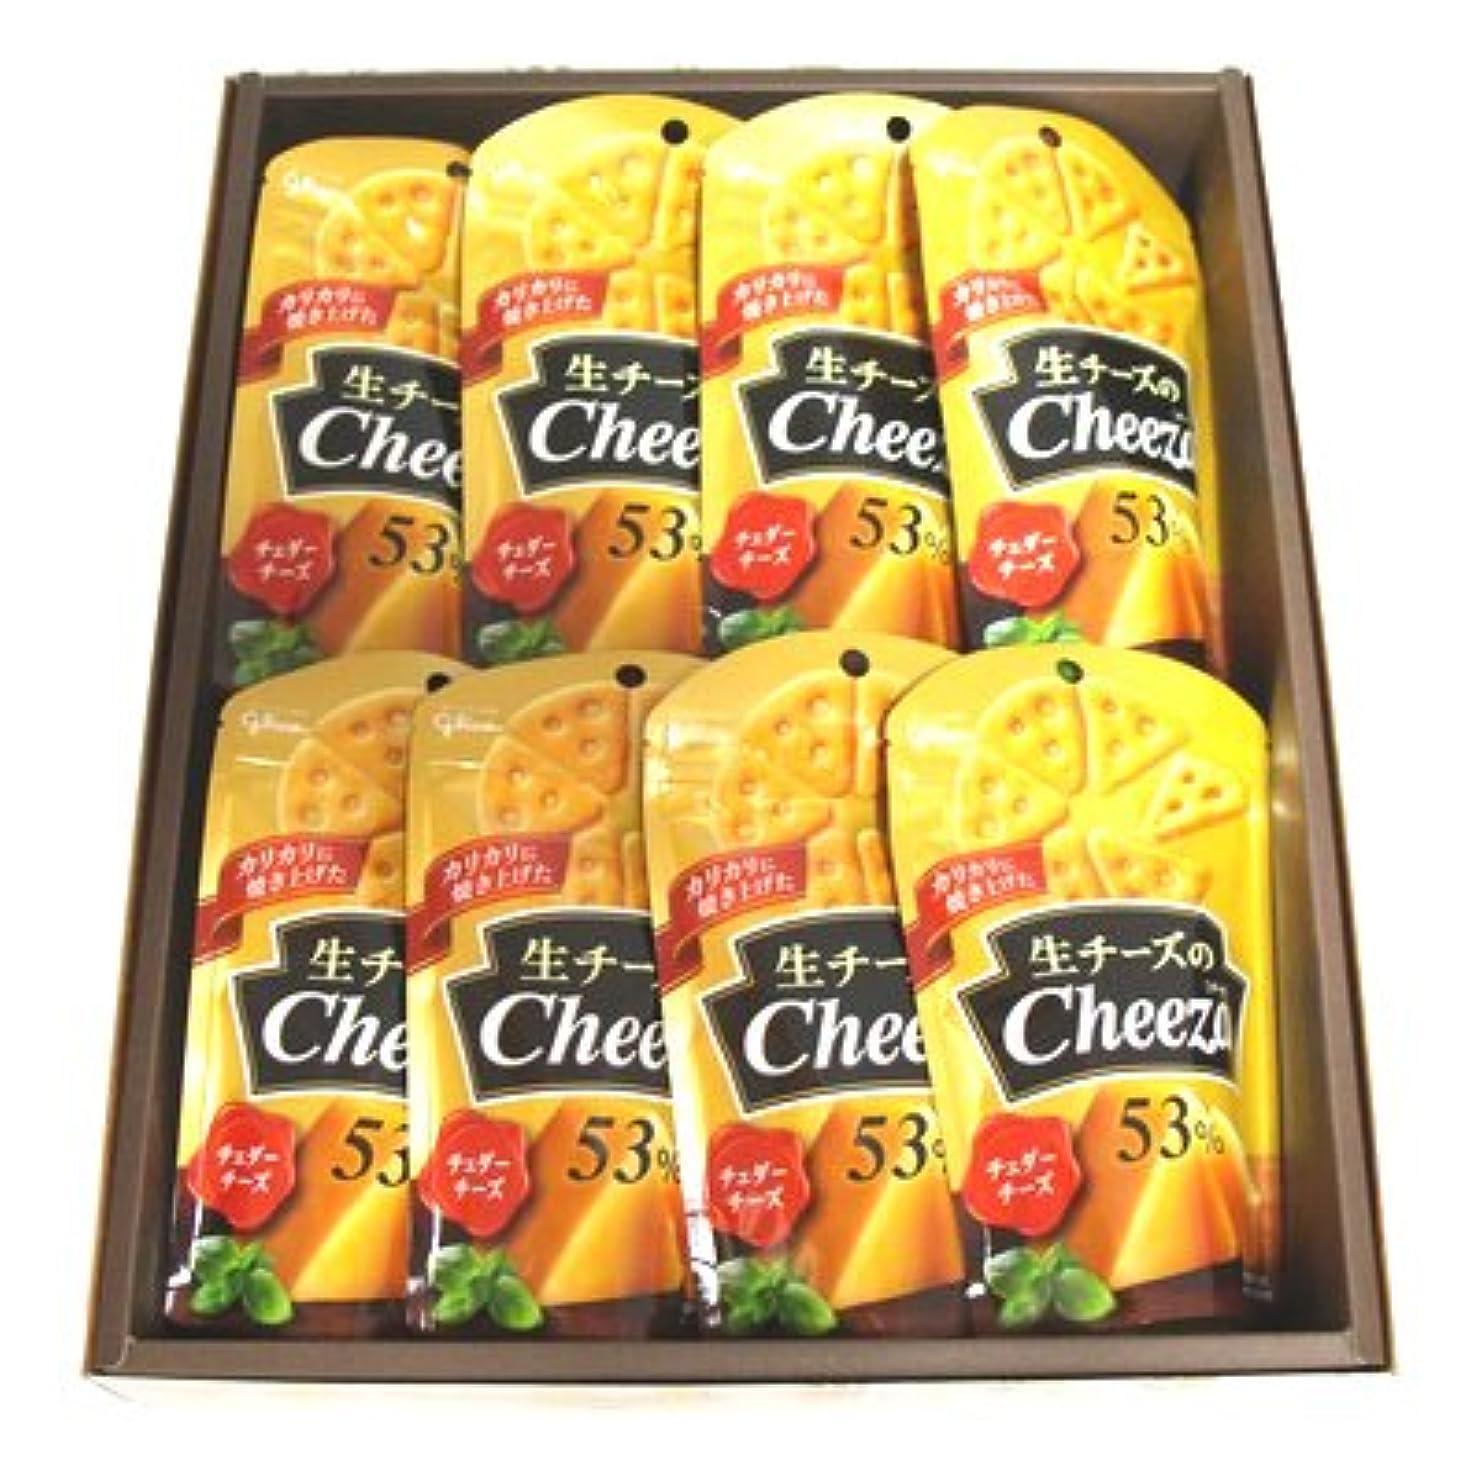 通訳プレート思い出すおかしのマーチ グリコ 生チーズのチーザ チェダー 14コ ギフト セット E